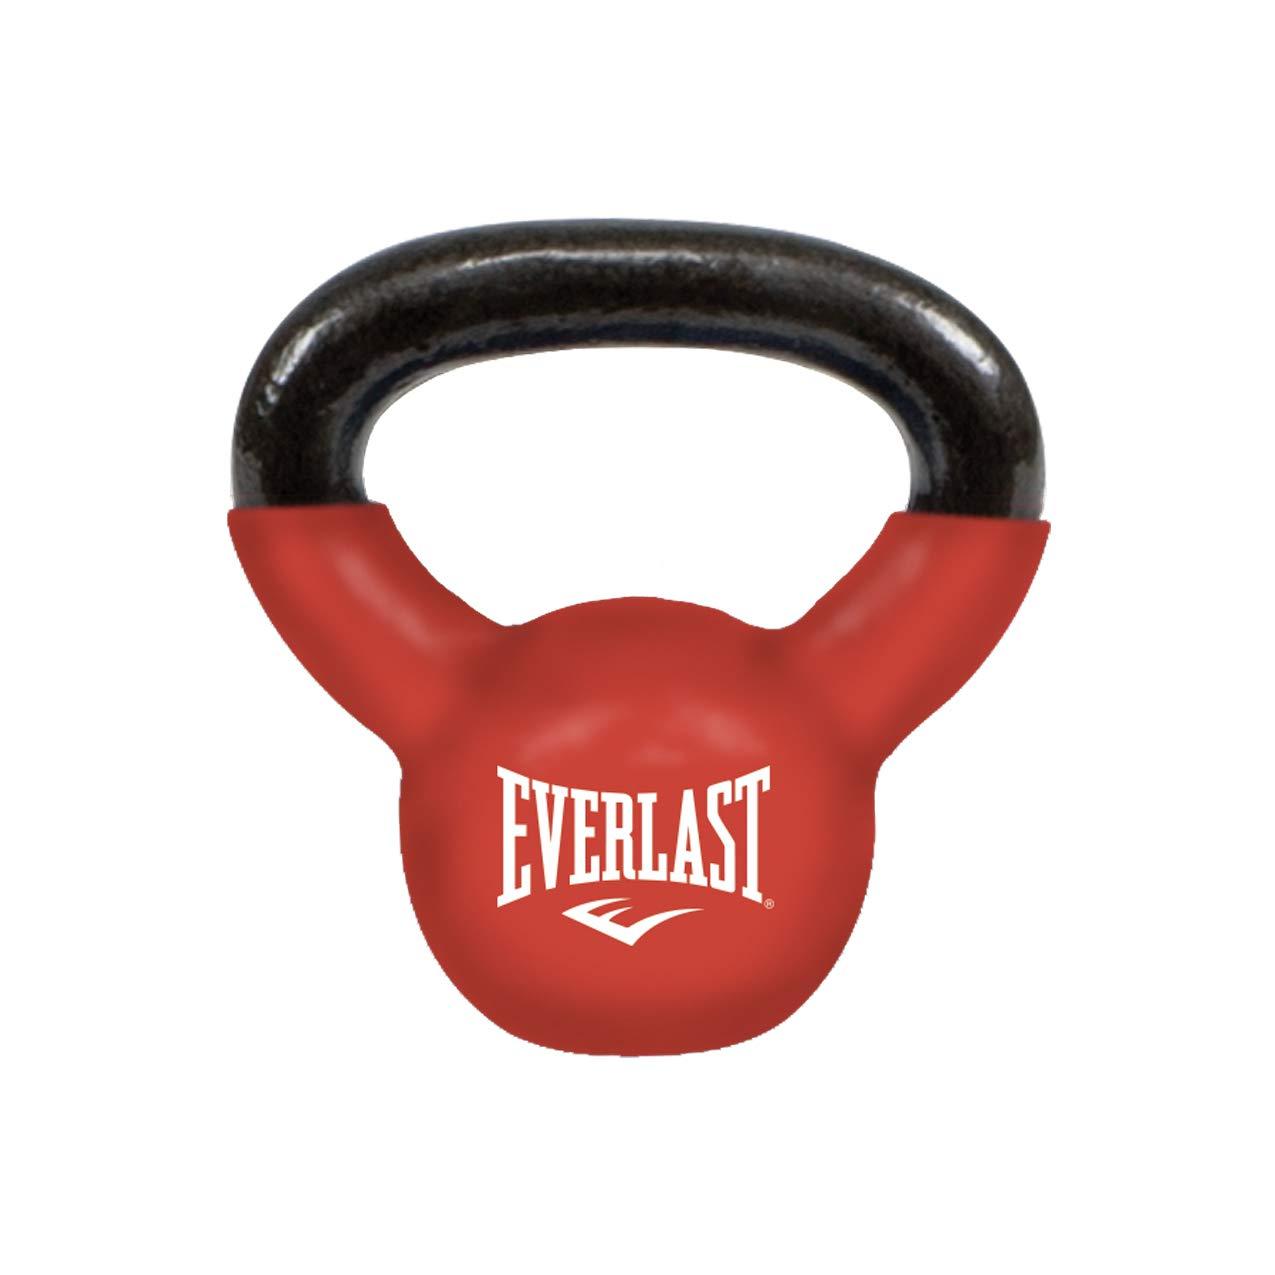 Everlast 35 lb Vinyl Dipped Kettlebell